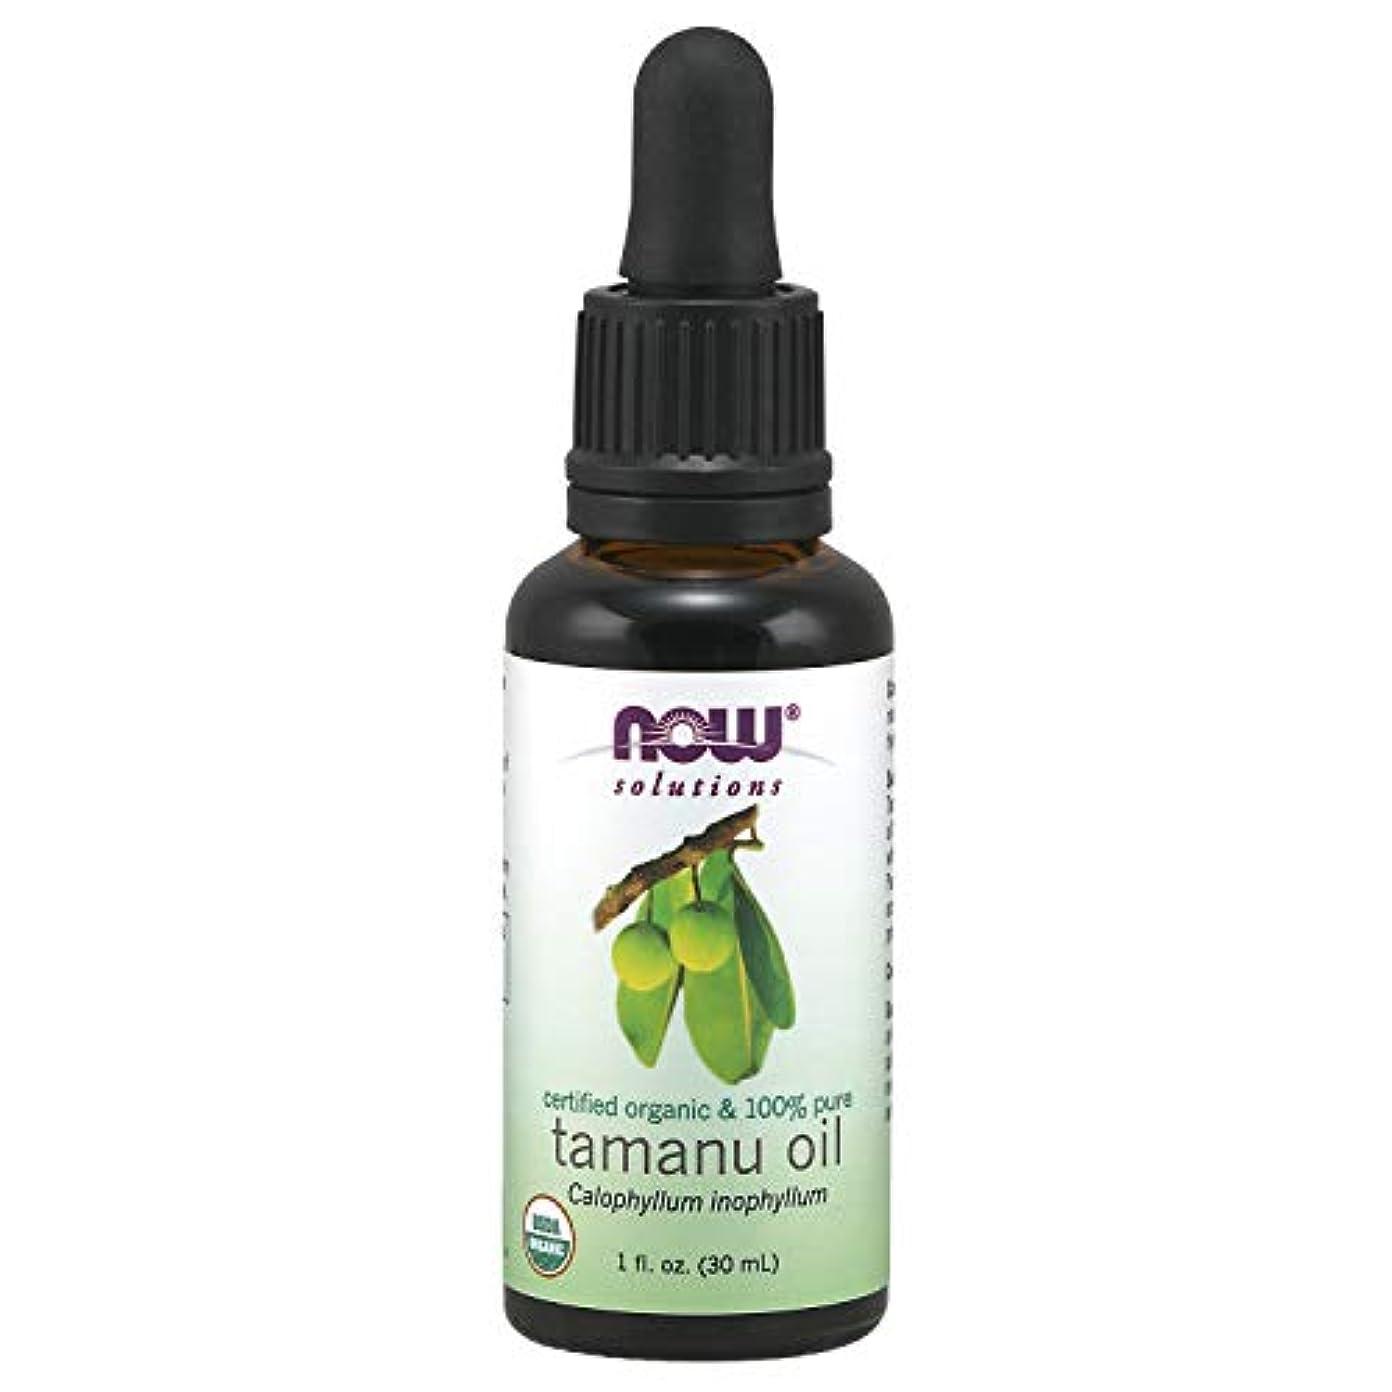 経験比類のないモネNow Foods, 認定オーガニック&100%ピュア、タマヌオイル、1 fl oz (30 ml)